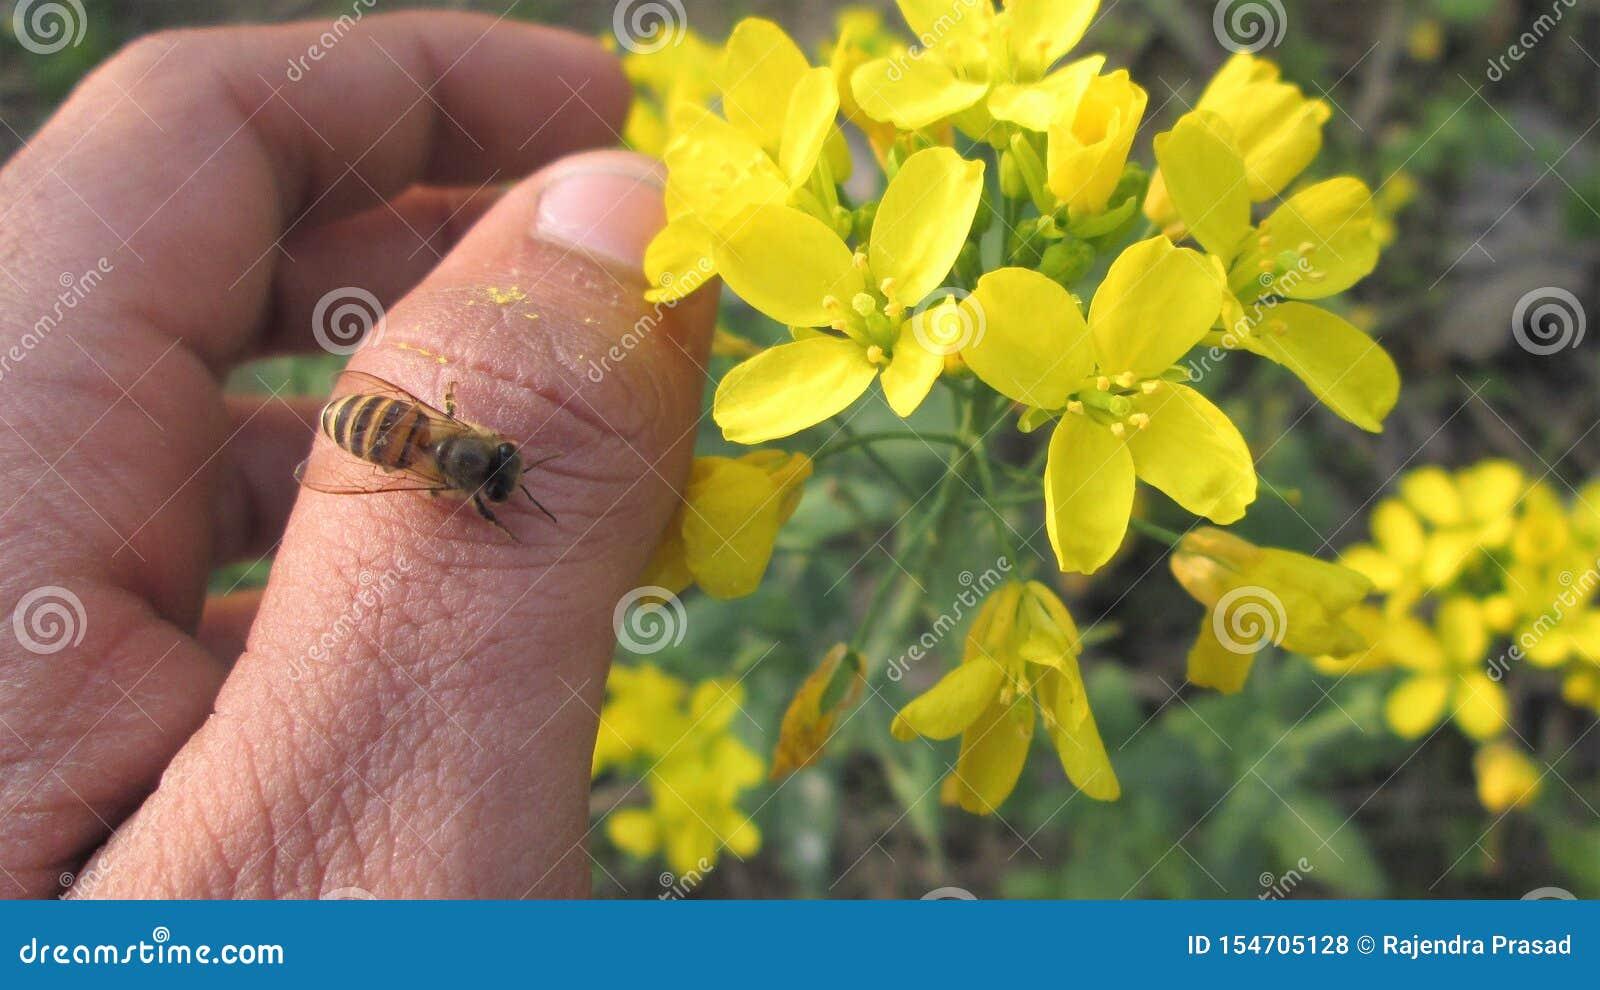 Makrophotographie-, HonigBienenstich, auf Daumen, Blumen, Garten, Sommer oder Frühling an Hand sitzend